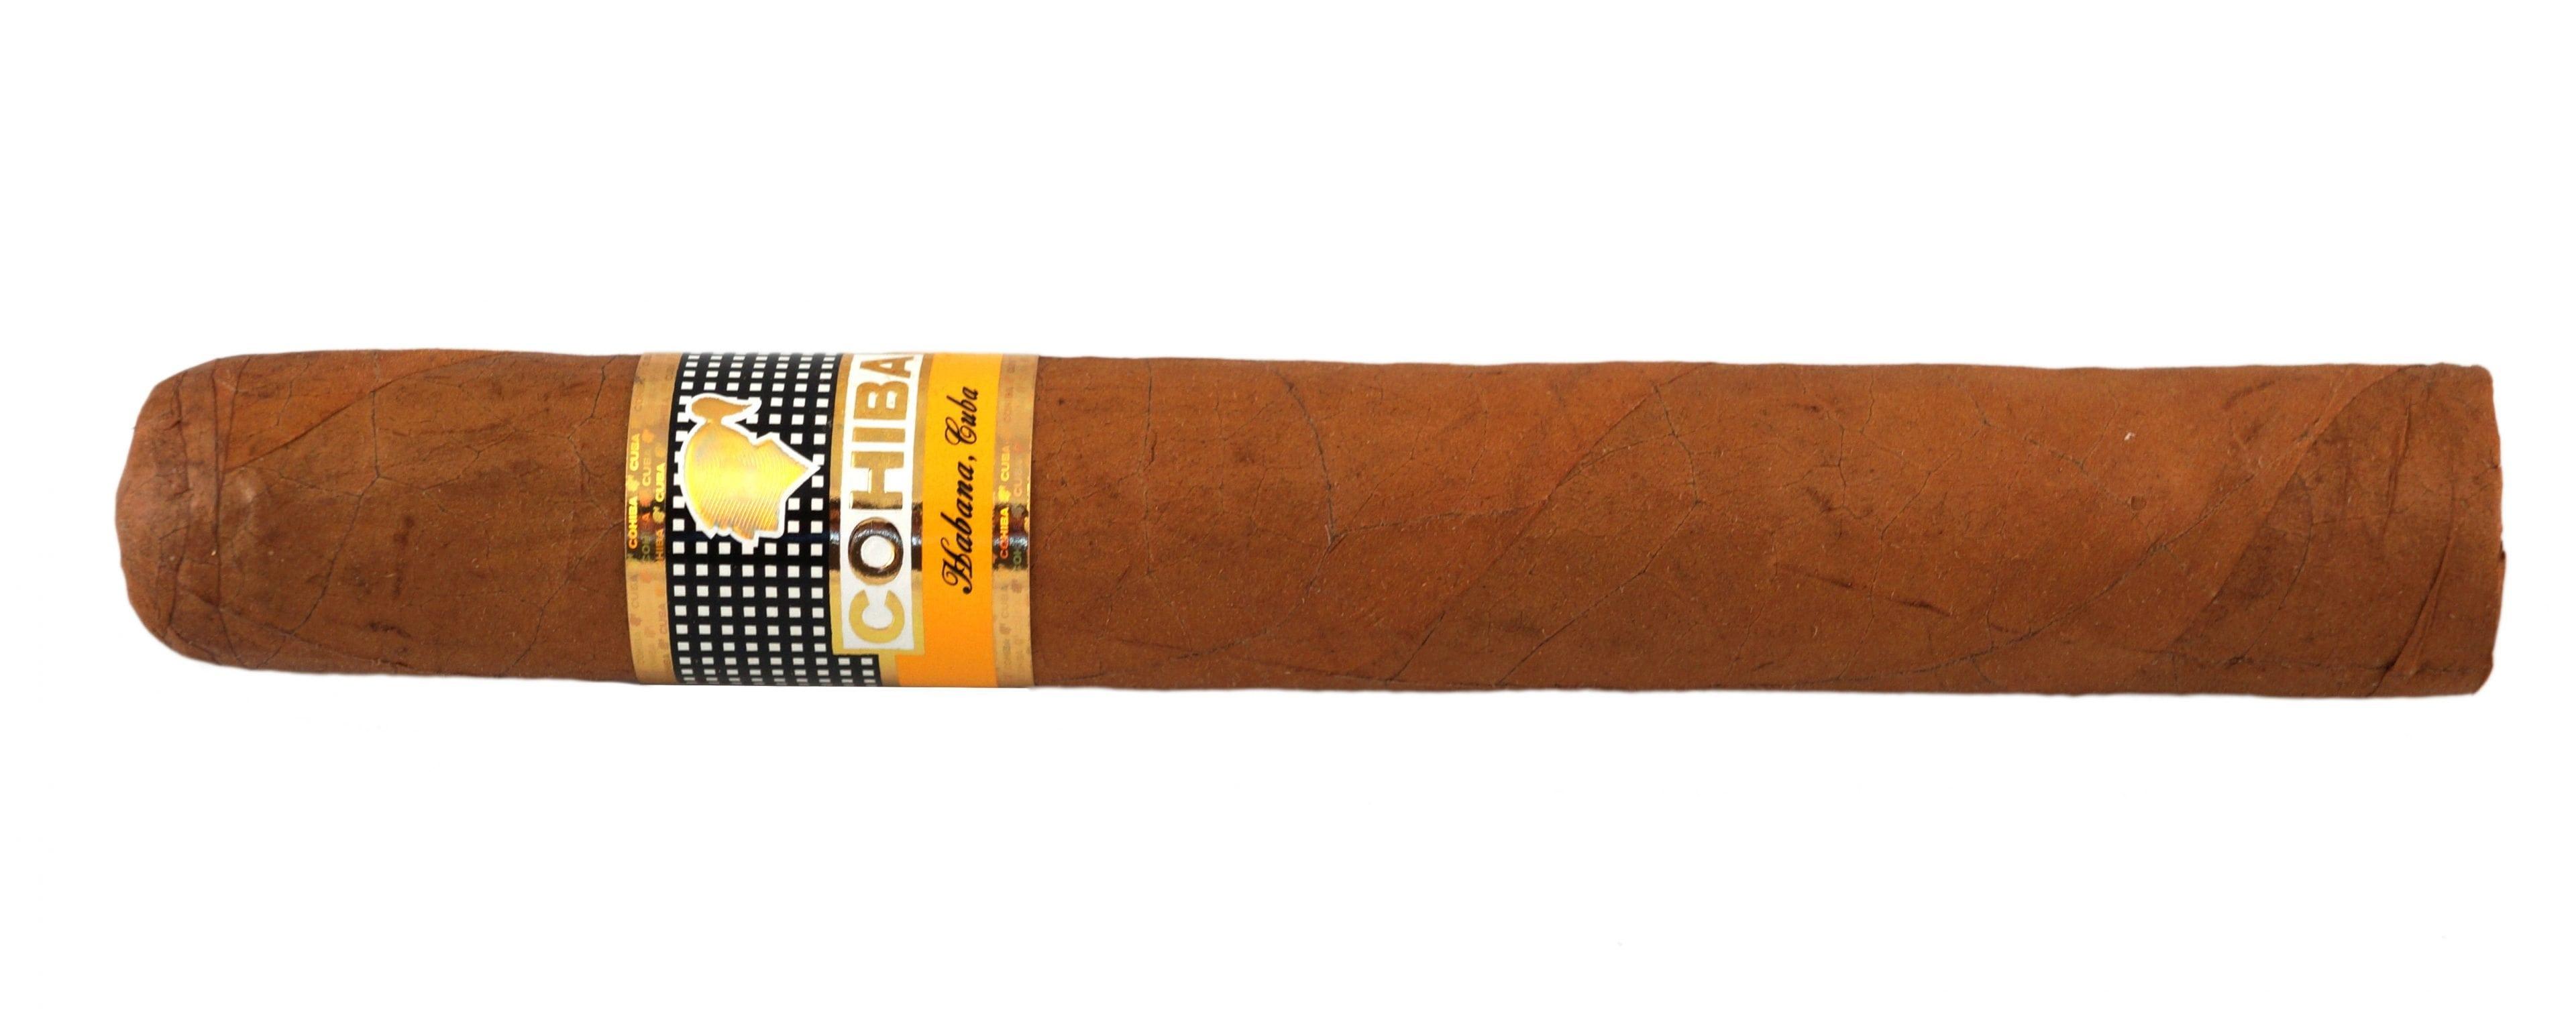 Blind Cigar Review: Cohiba | Siglo VI